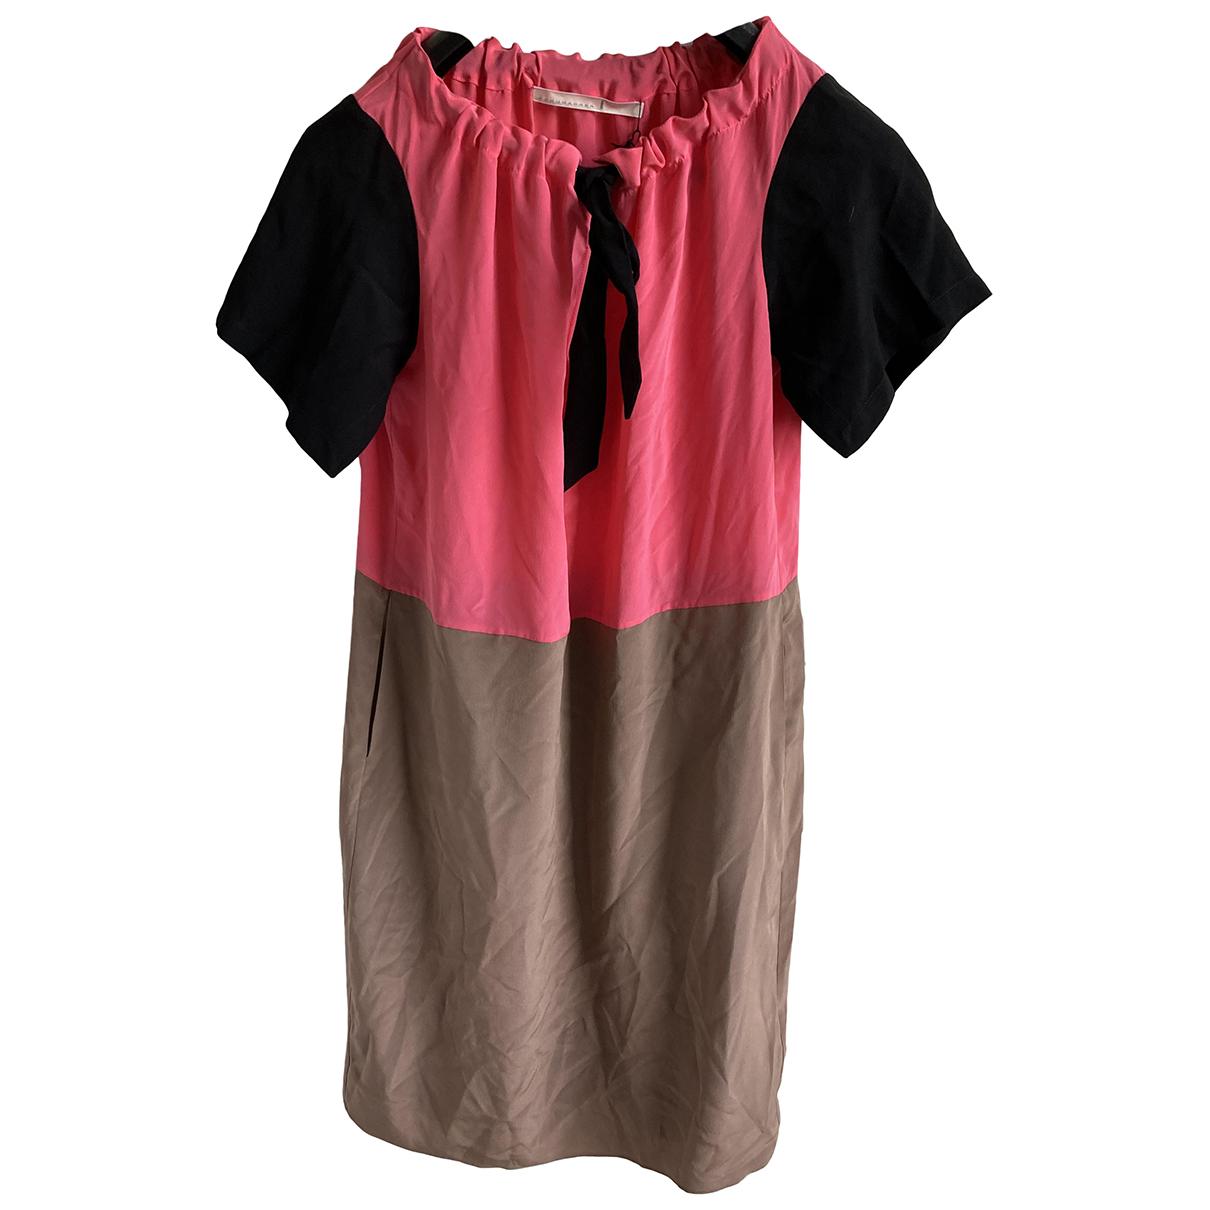 Schumacher - Robe   pour femme en soie - multicolore